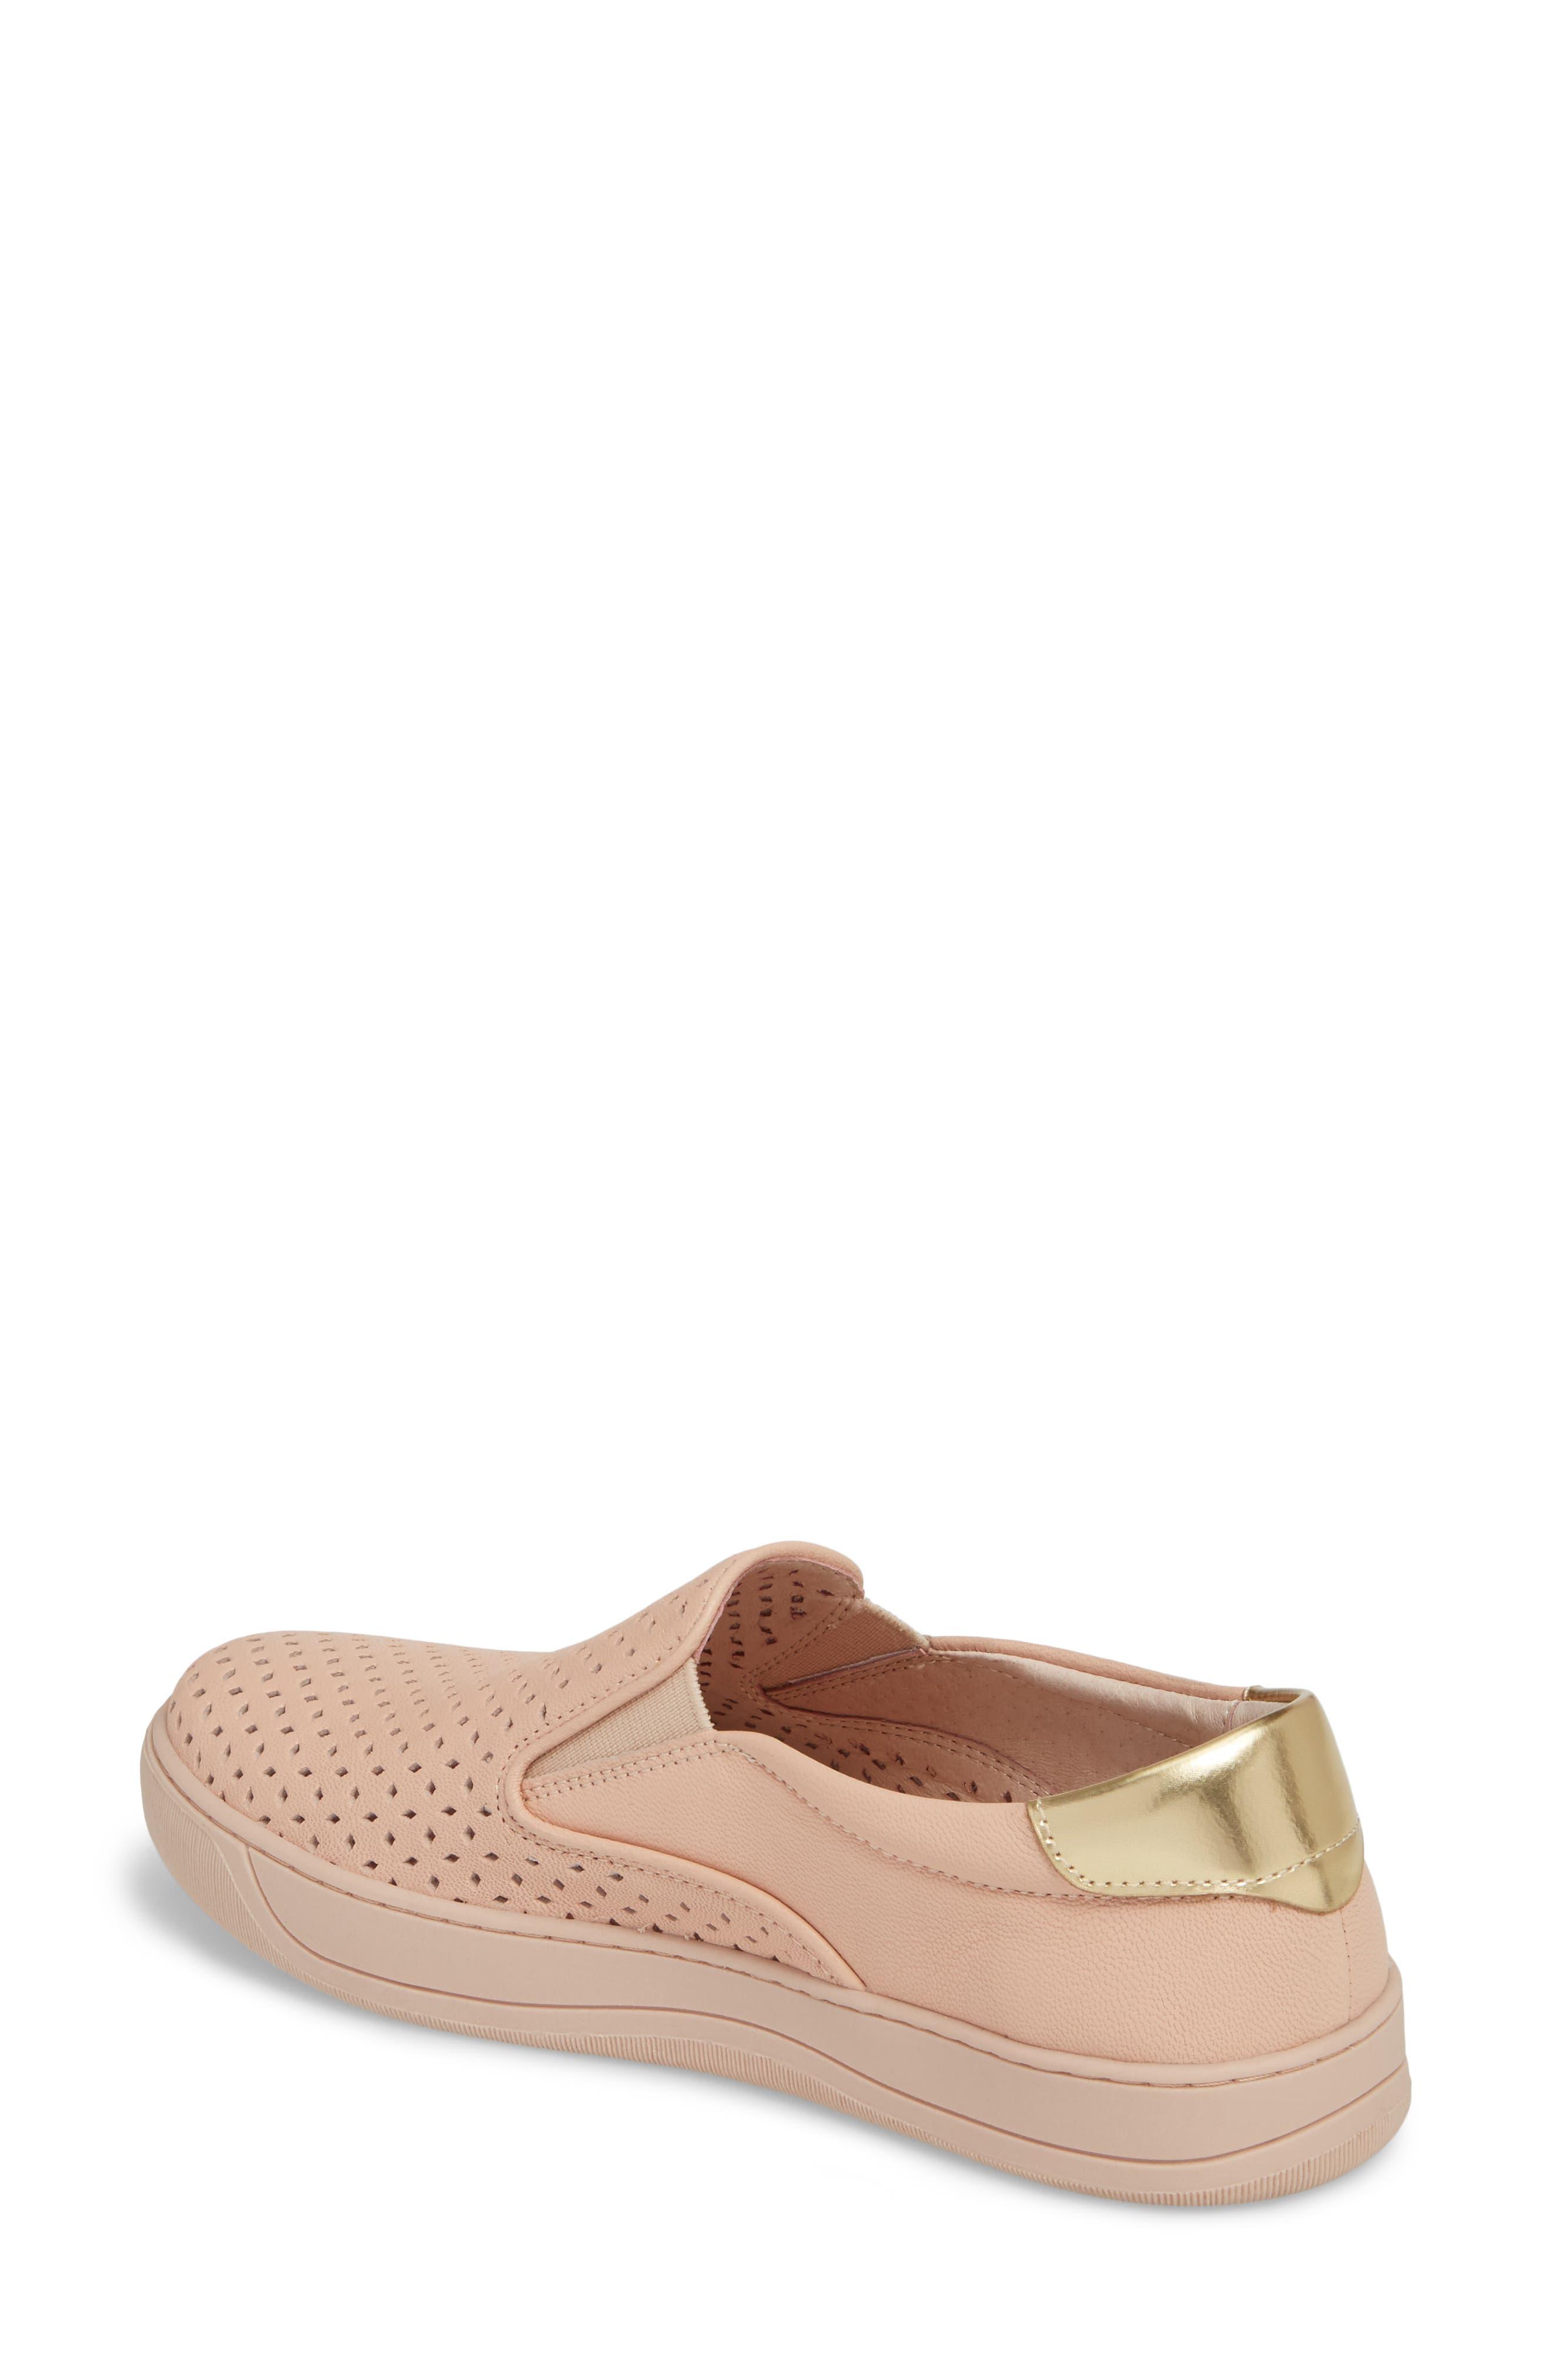 Elaine Slip-On Sneaker,                             Alternate thumbnail 2, color,                             Pink Leather